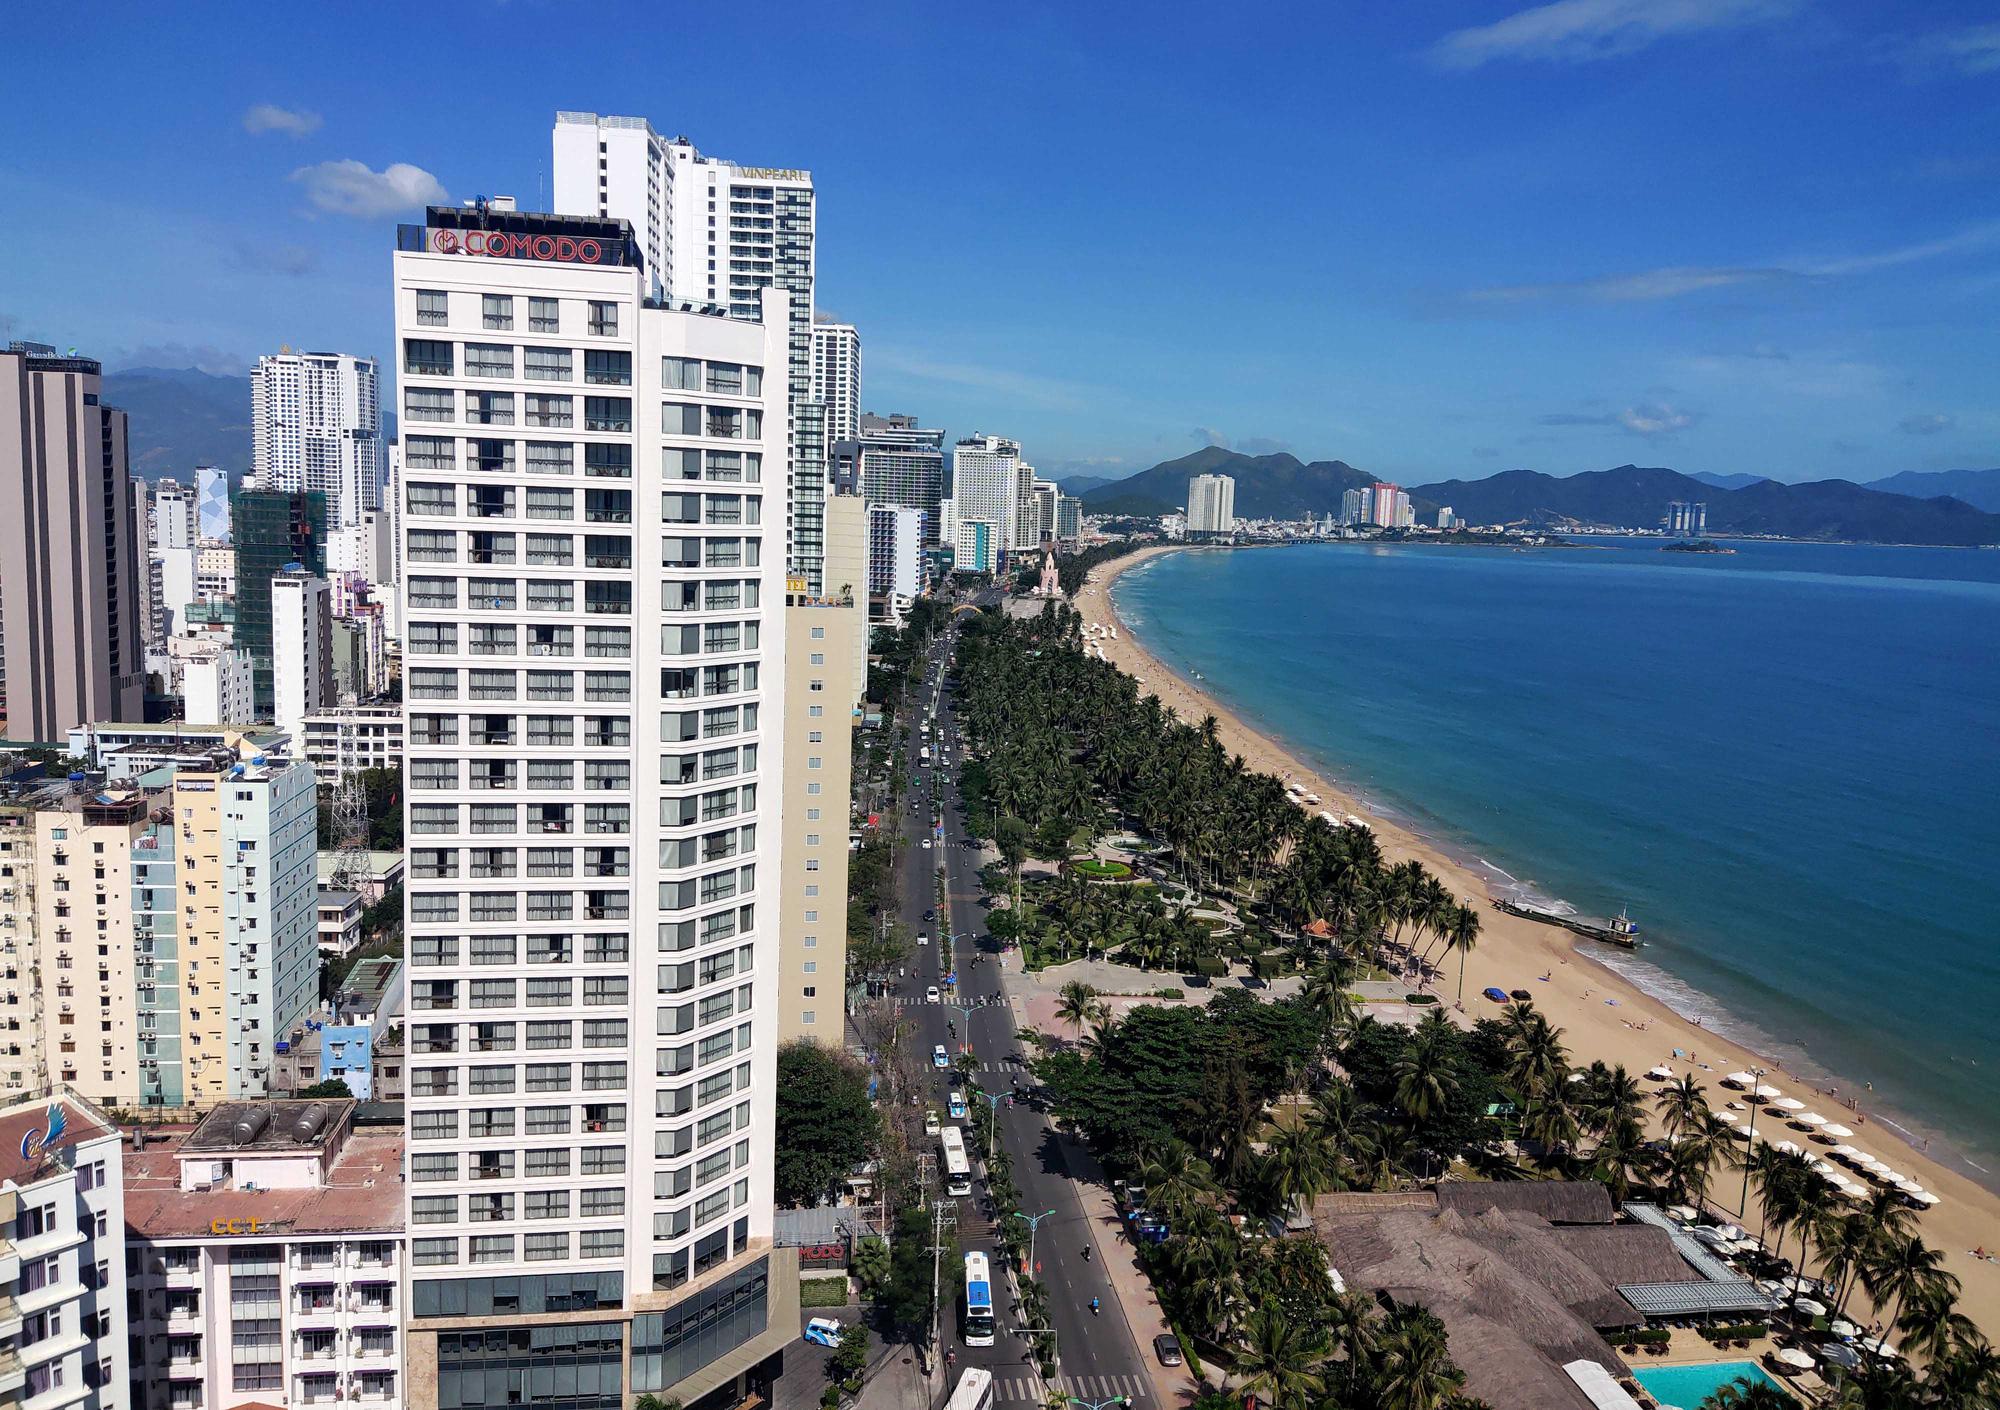 Nha Trang được định hướng là đô thị du lịch biển quốc gia và quốc tế - Ảnh 1.